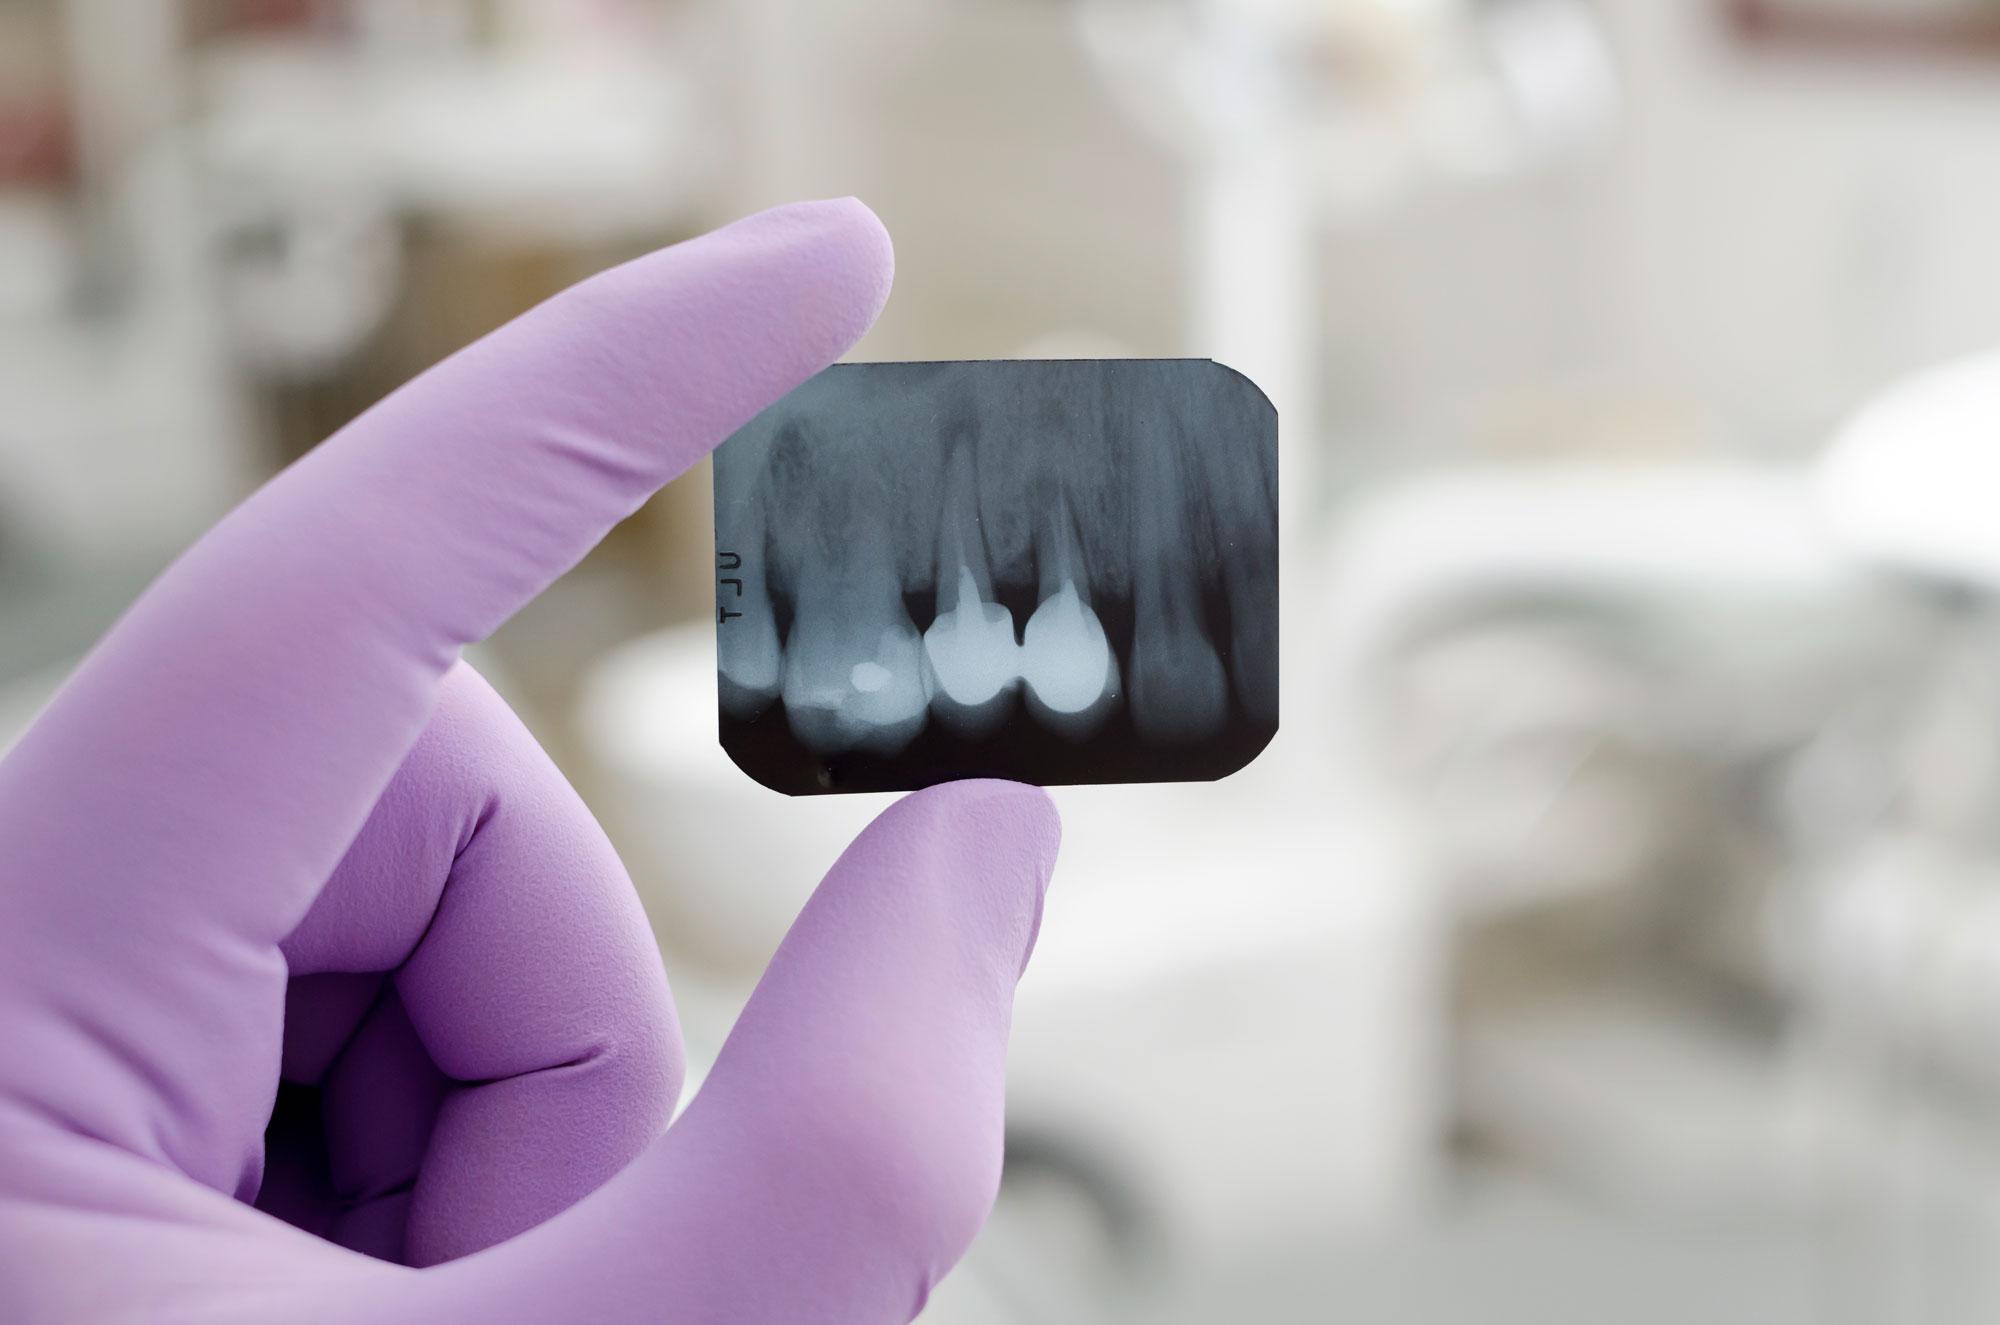 Ciszta műtét előtti röntgen felvételt tart a kezében a szájsebész.